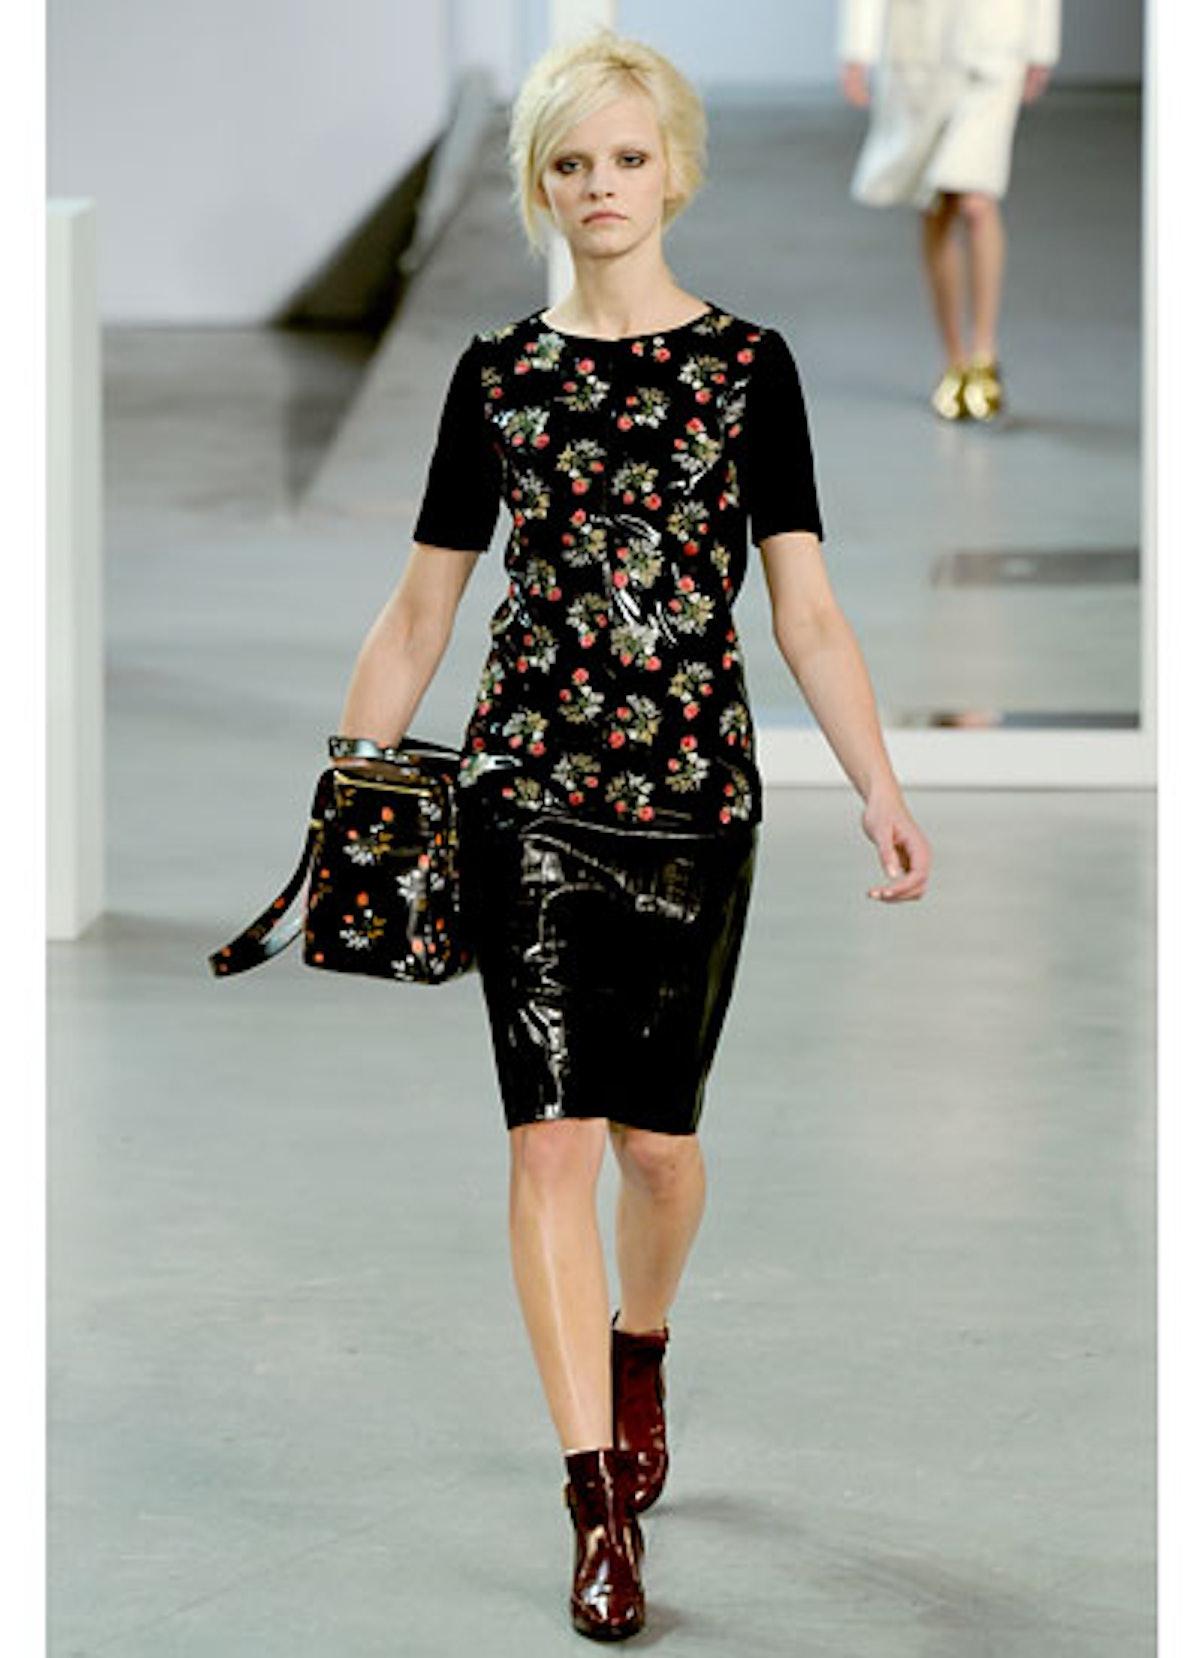 fass-fall-2012-fashion-roundup-16-v.jpg